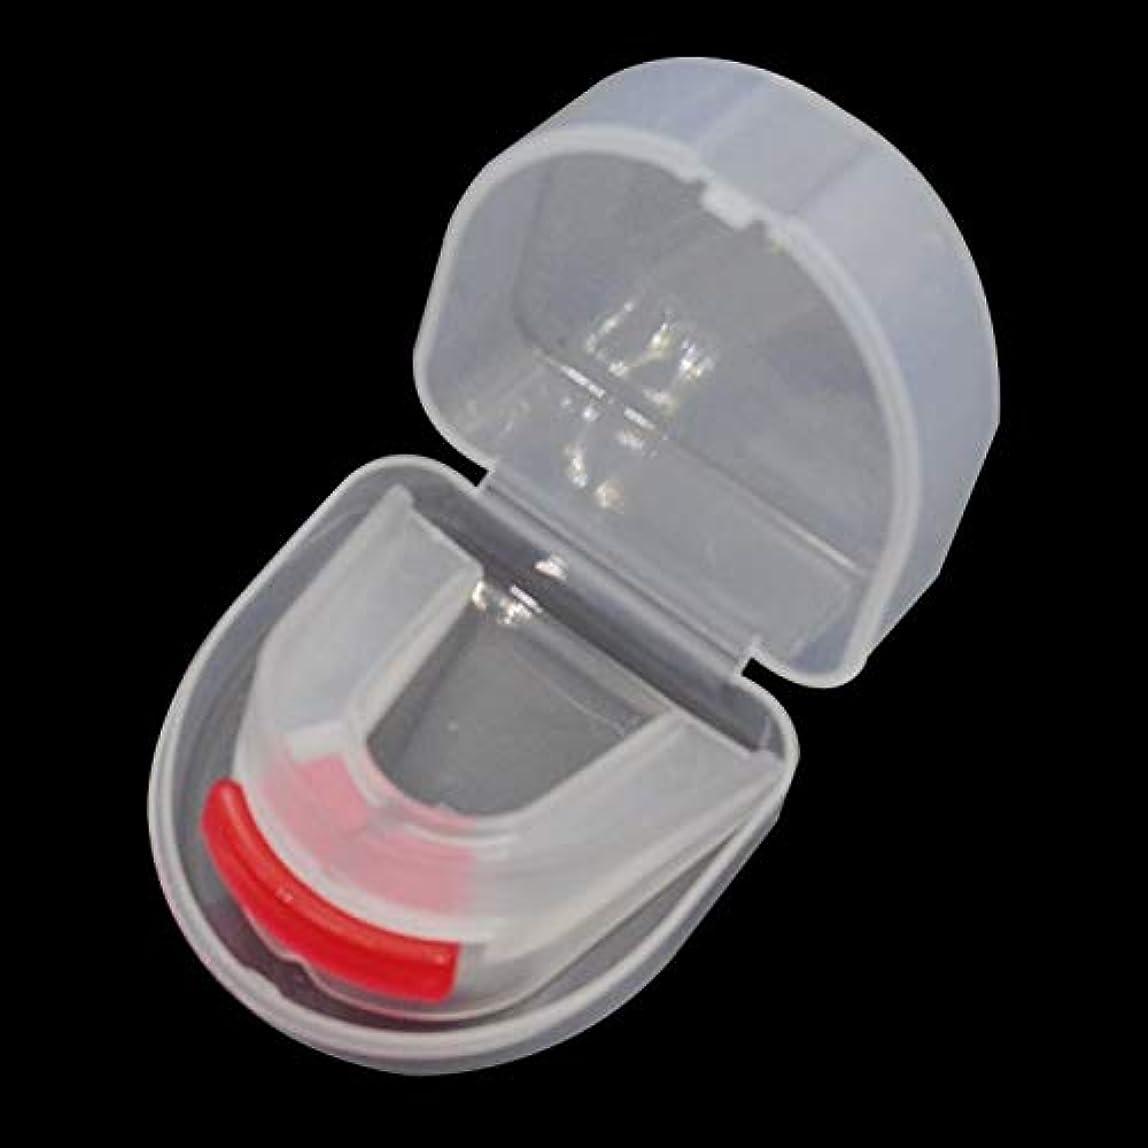 重荷メイドアナログNOTE 1ピースマウスガードストップいびきアンチブラキシズムいびきマウスピース無呼吸ガード睡眠補助実用バンパーボクシングマウスガード `